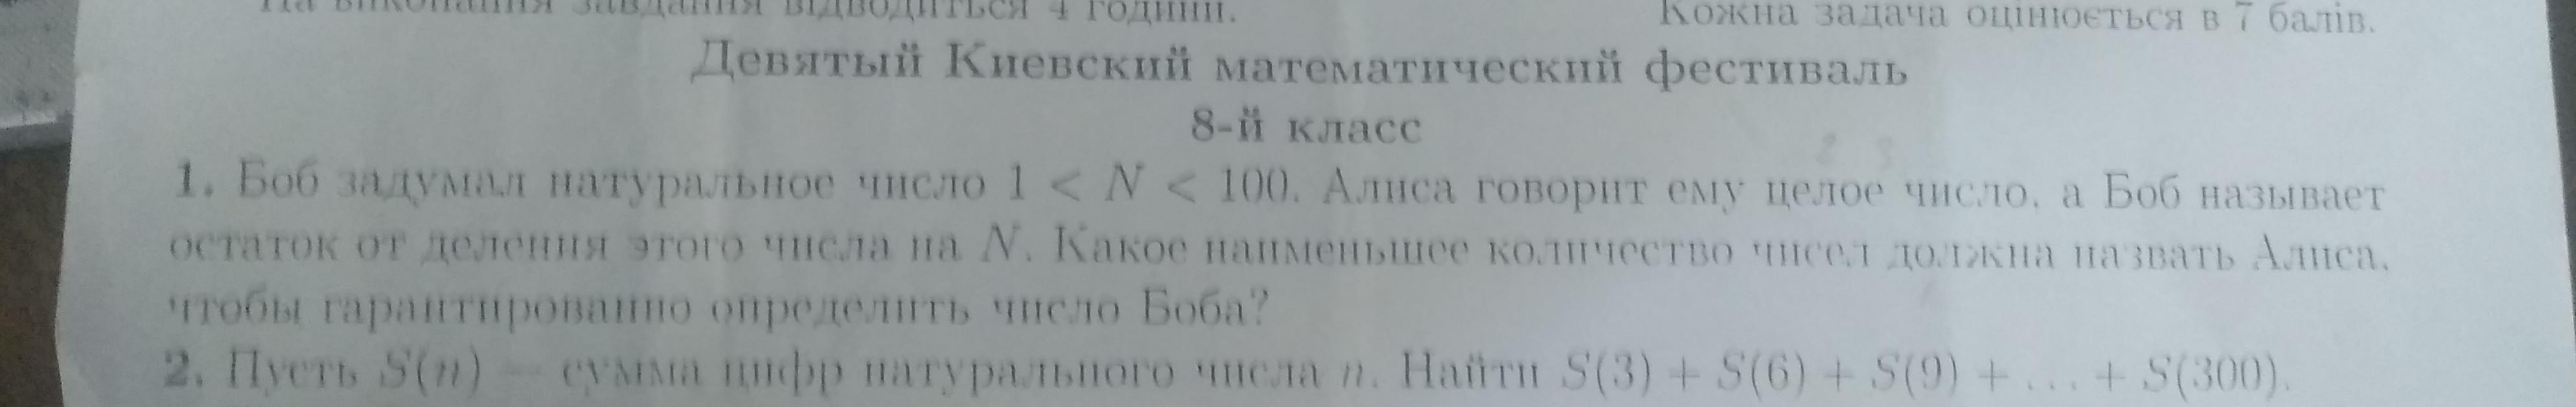 100 Рублей на Qiwi кто решит !!?!??! Срочно!!!